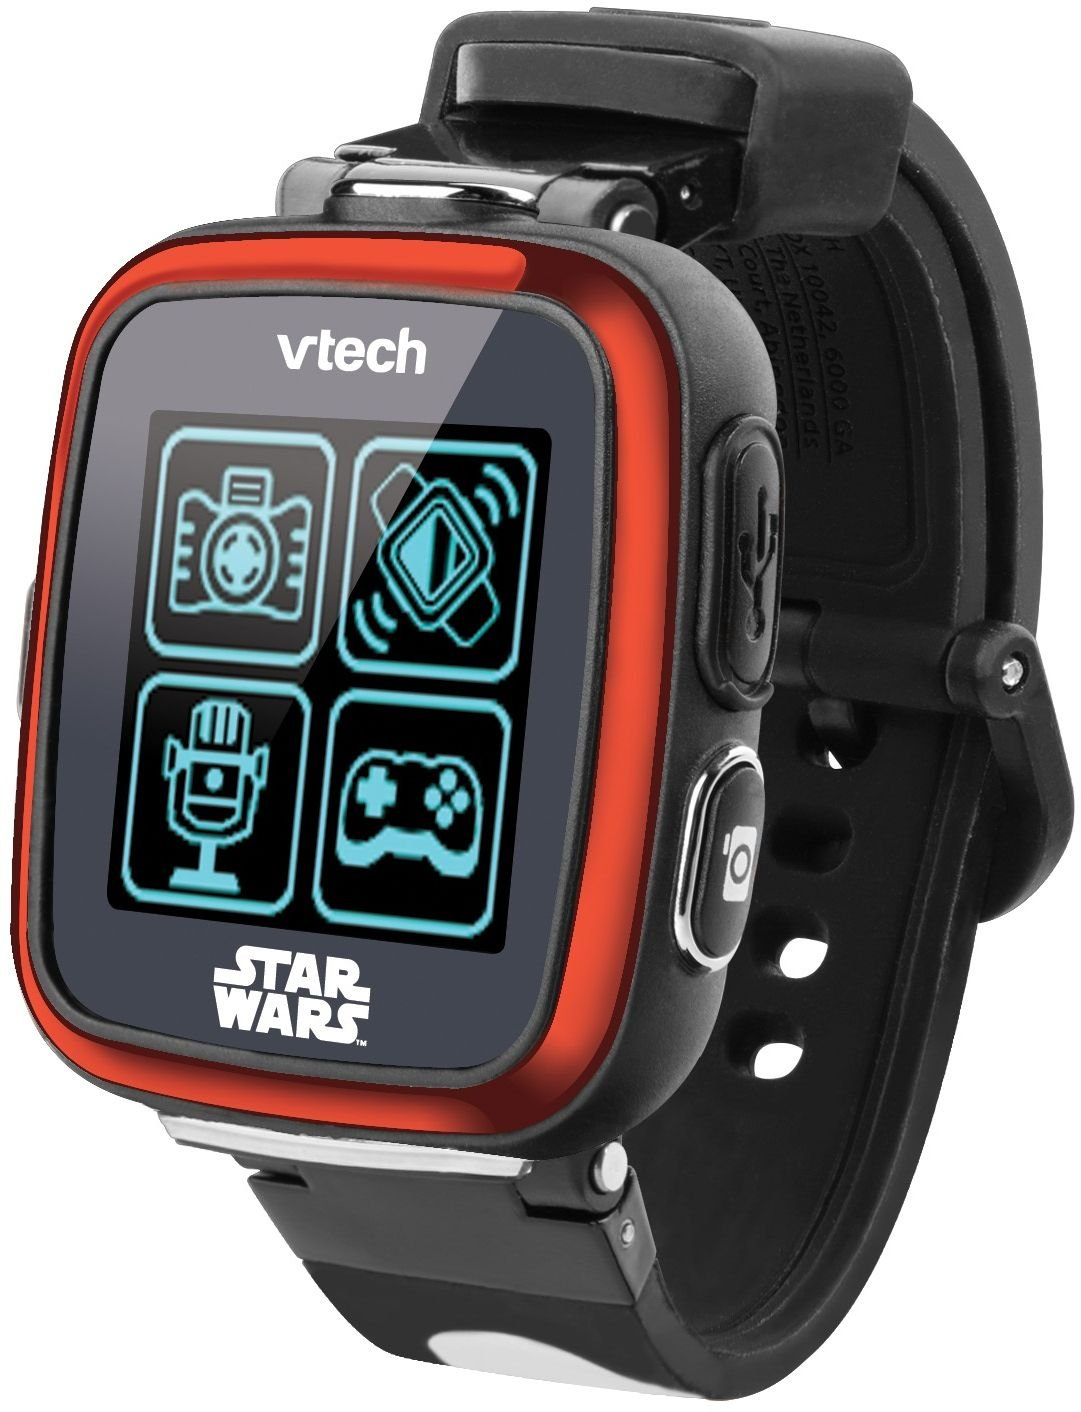 Amazon.es: VTech Star Wars Stormtrooper CAM-Watch - Electrónica para niños (Multicolor, De plástico, CE, 5 año(s), Niño/niña, Holandés)